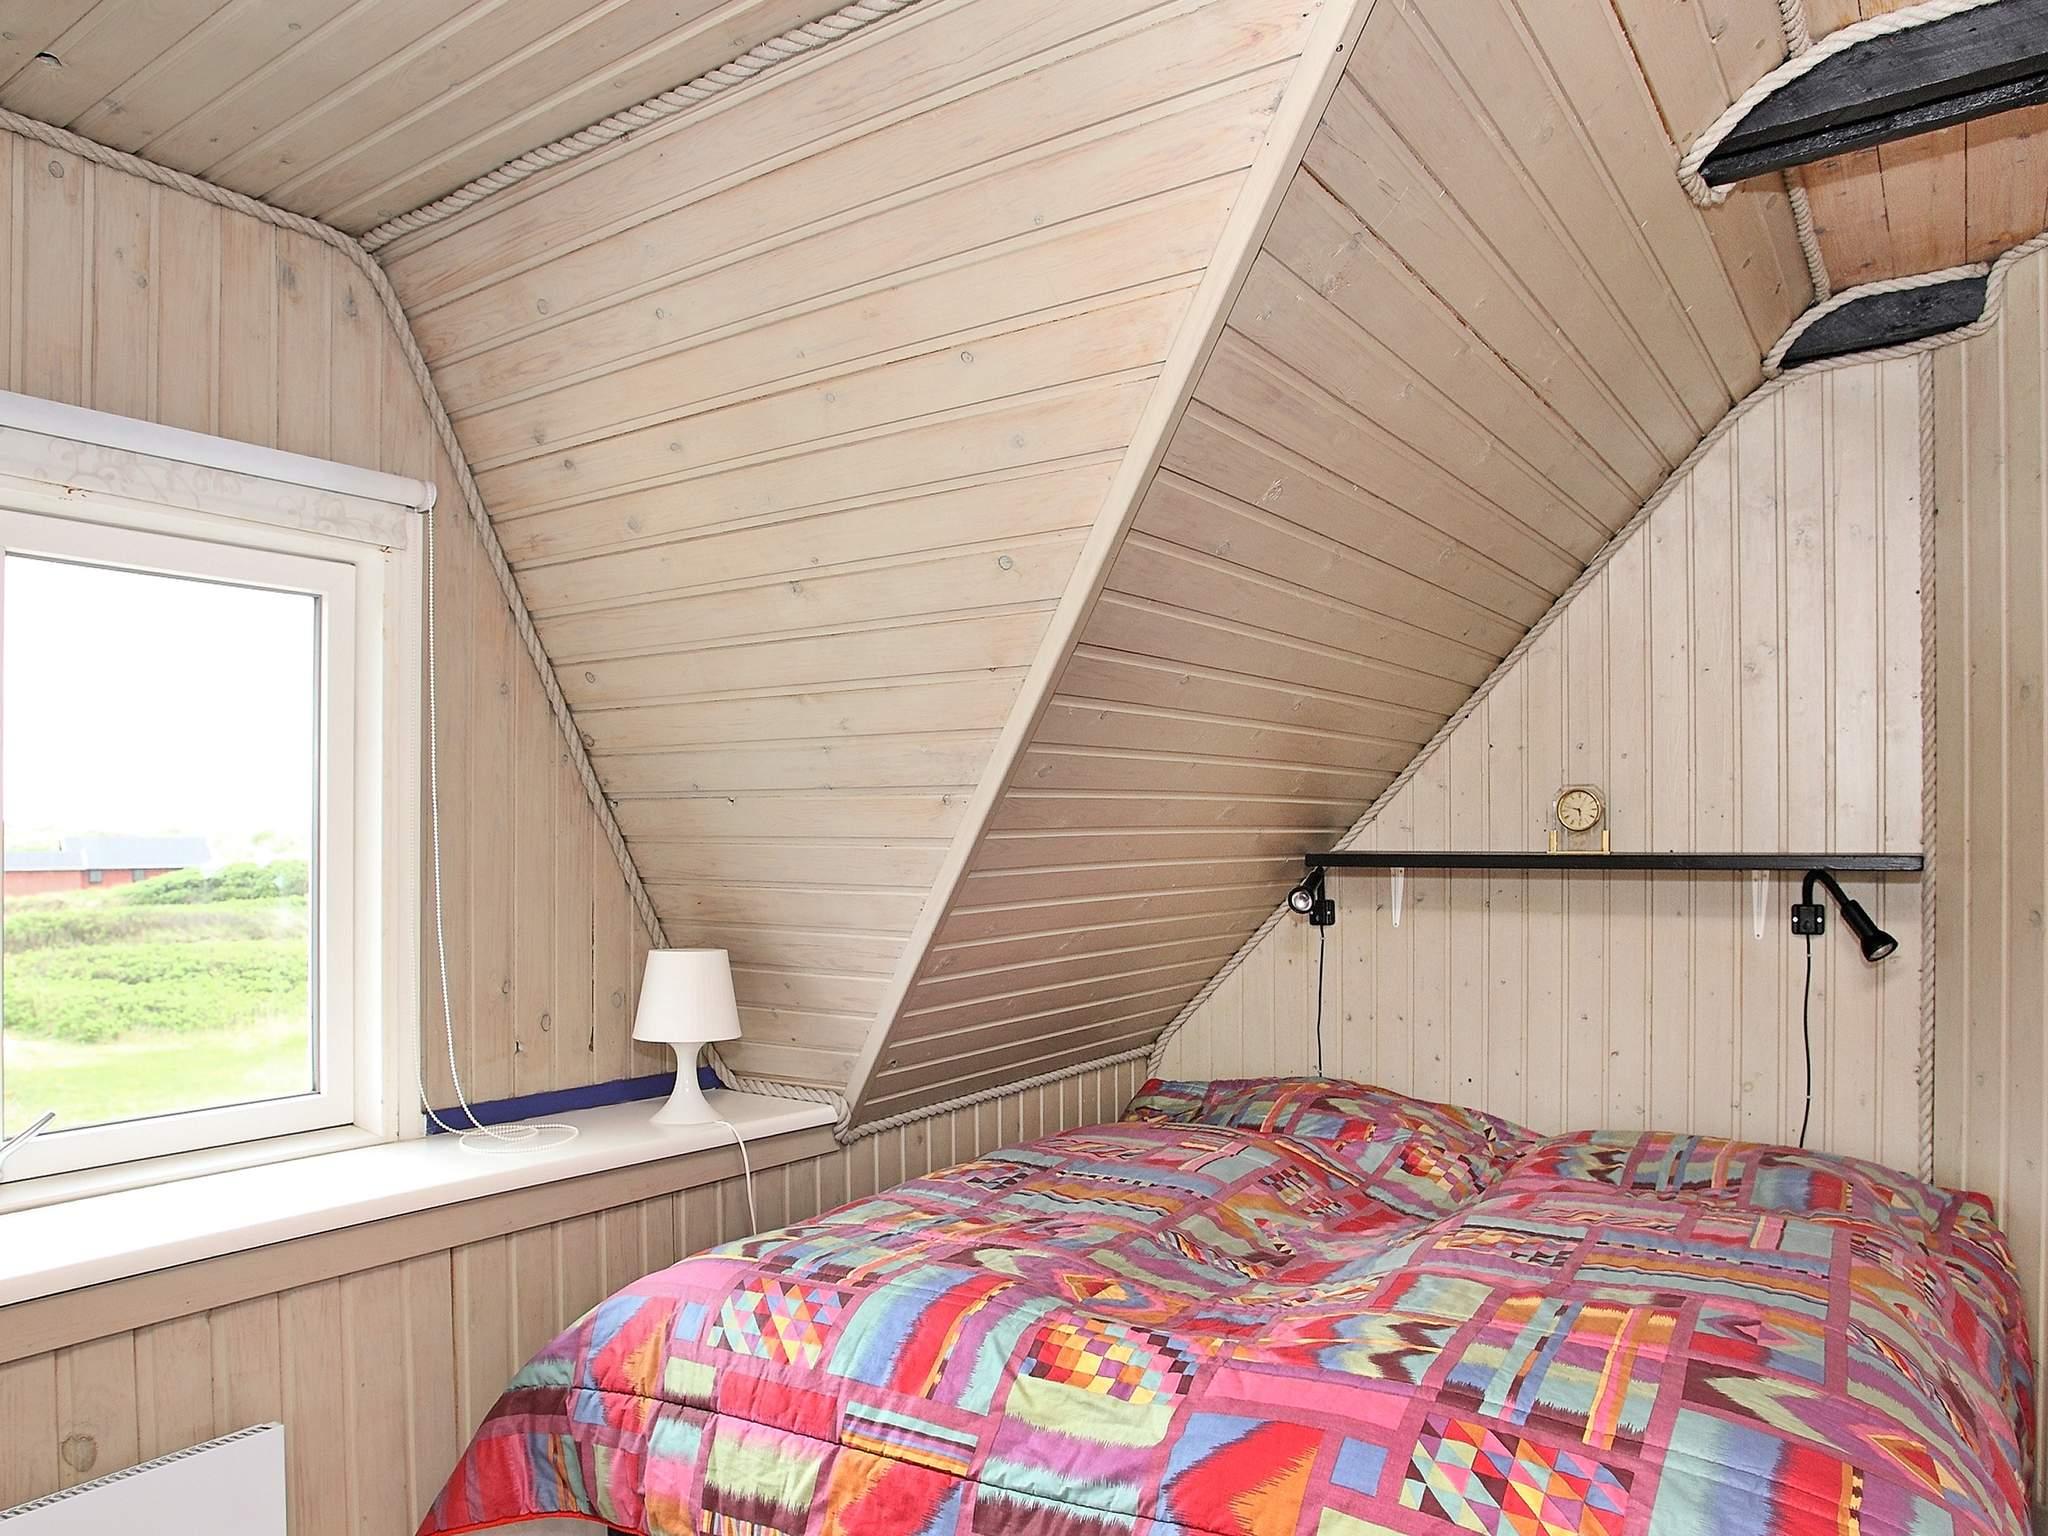 Ferienhaus Blokhus (84949), Blokhus, , Nordwestjütland, Dänemark, Bild 9